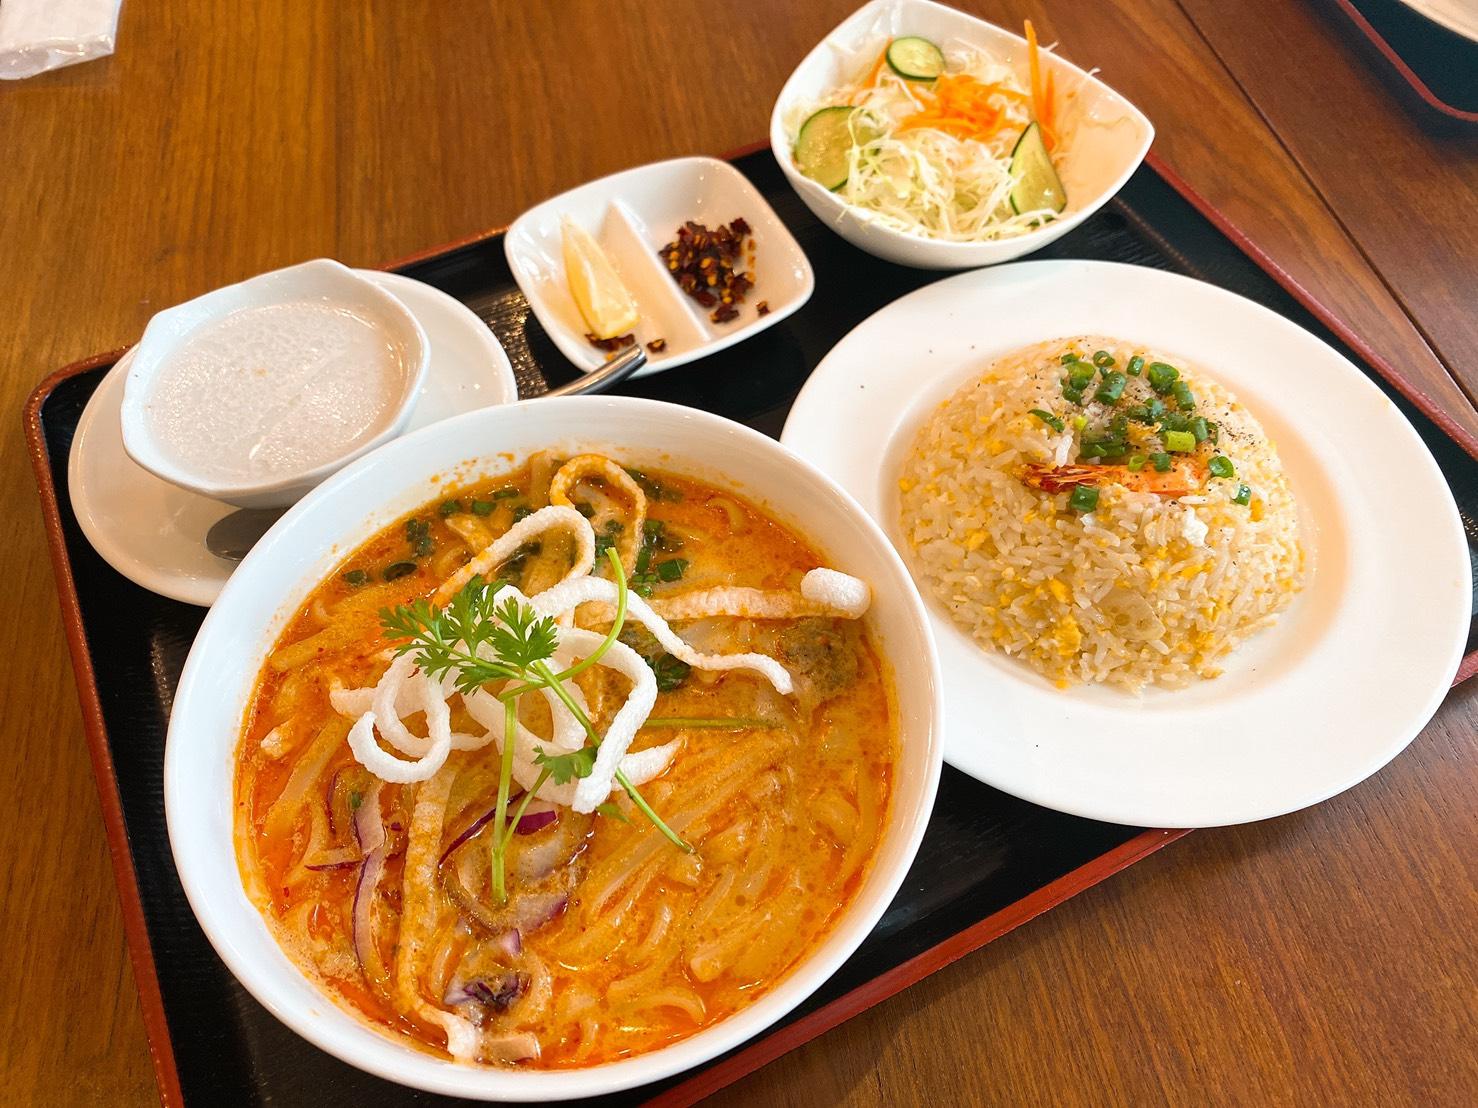 川名|知らないなんてもったいない!本格的なミャンマー料理を現地のシェフが手がけるレストラン